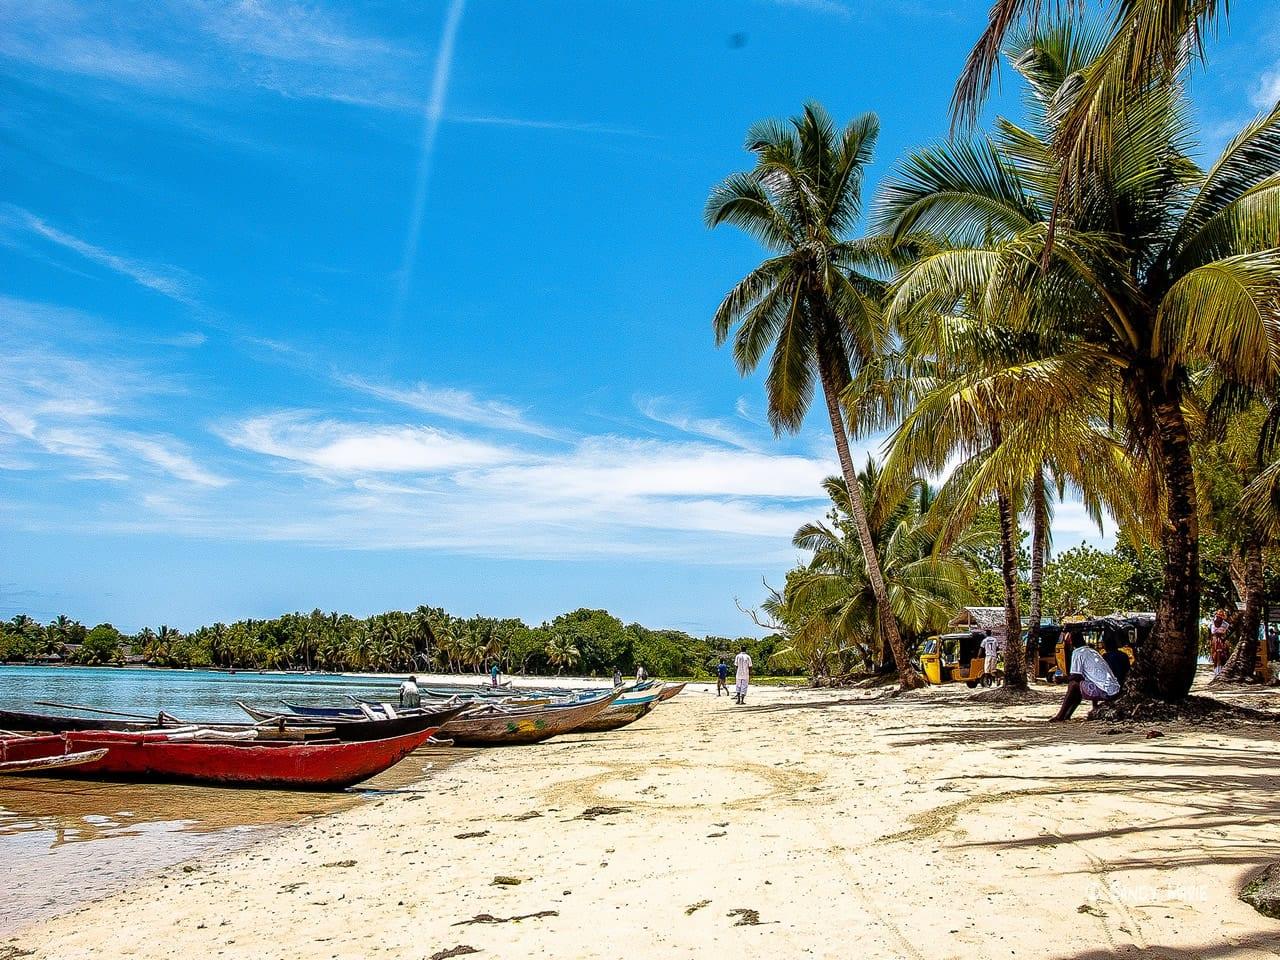 Iles paradisiaques Madagascar